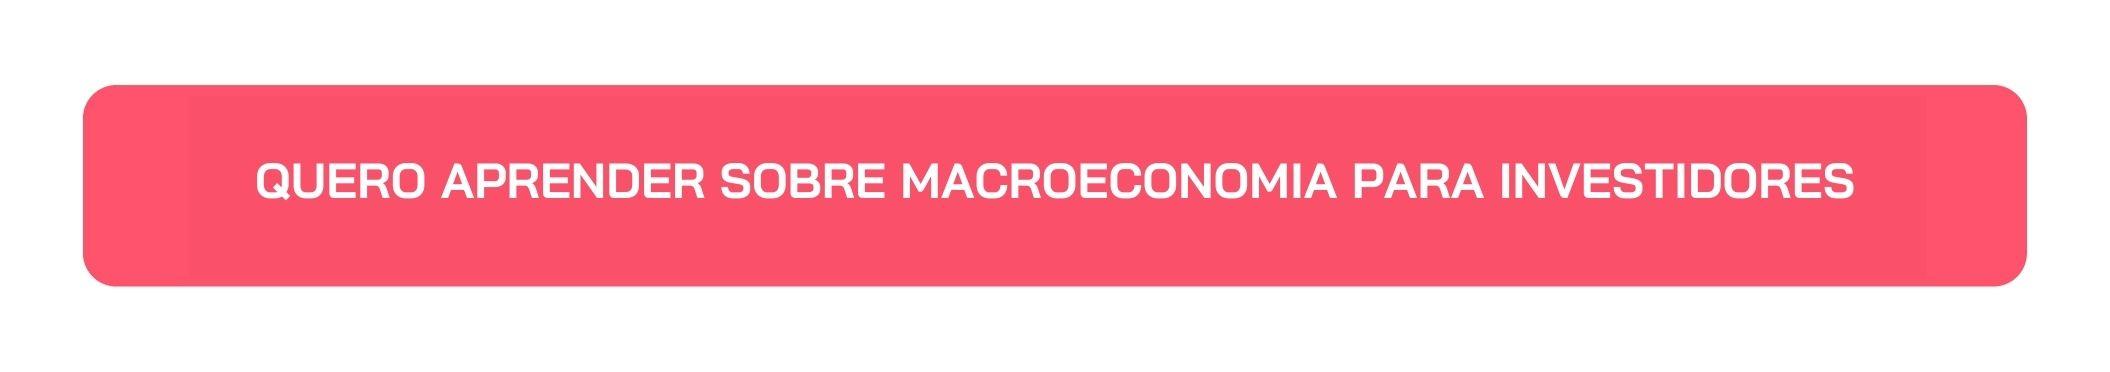 Botão Quero Aprender sobre Macroeconomia para Investidores